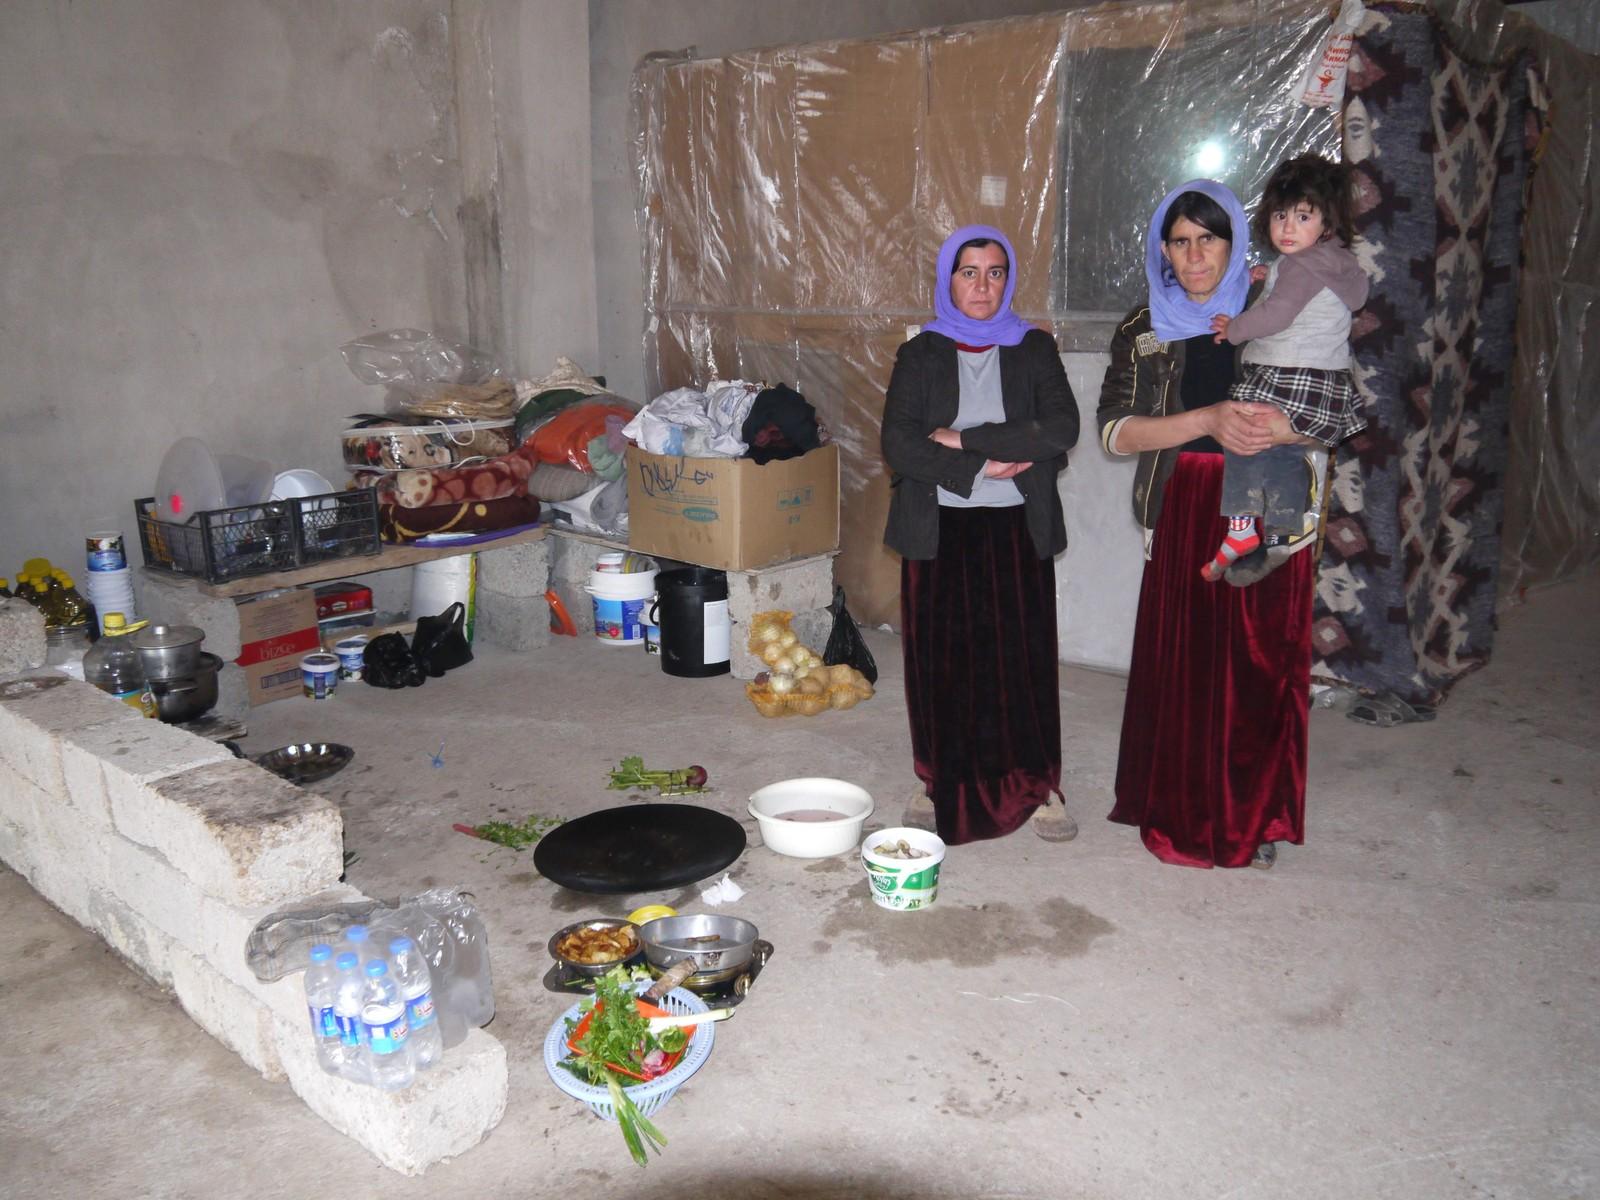 Å ta i bruk tomme bygningar har blitt ein måte å få livet til å fungere. Her har nokre mødrer laga seg eit kjøkken i ein forlaten bygning.